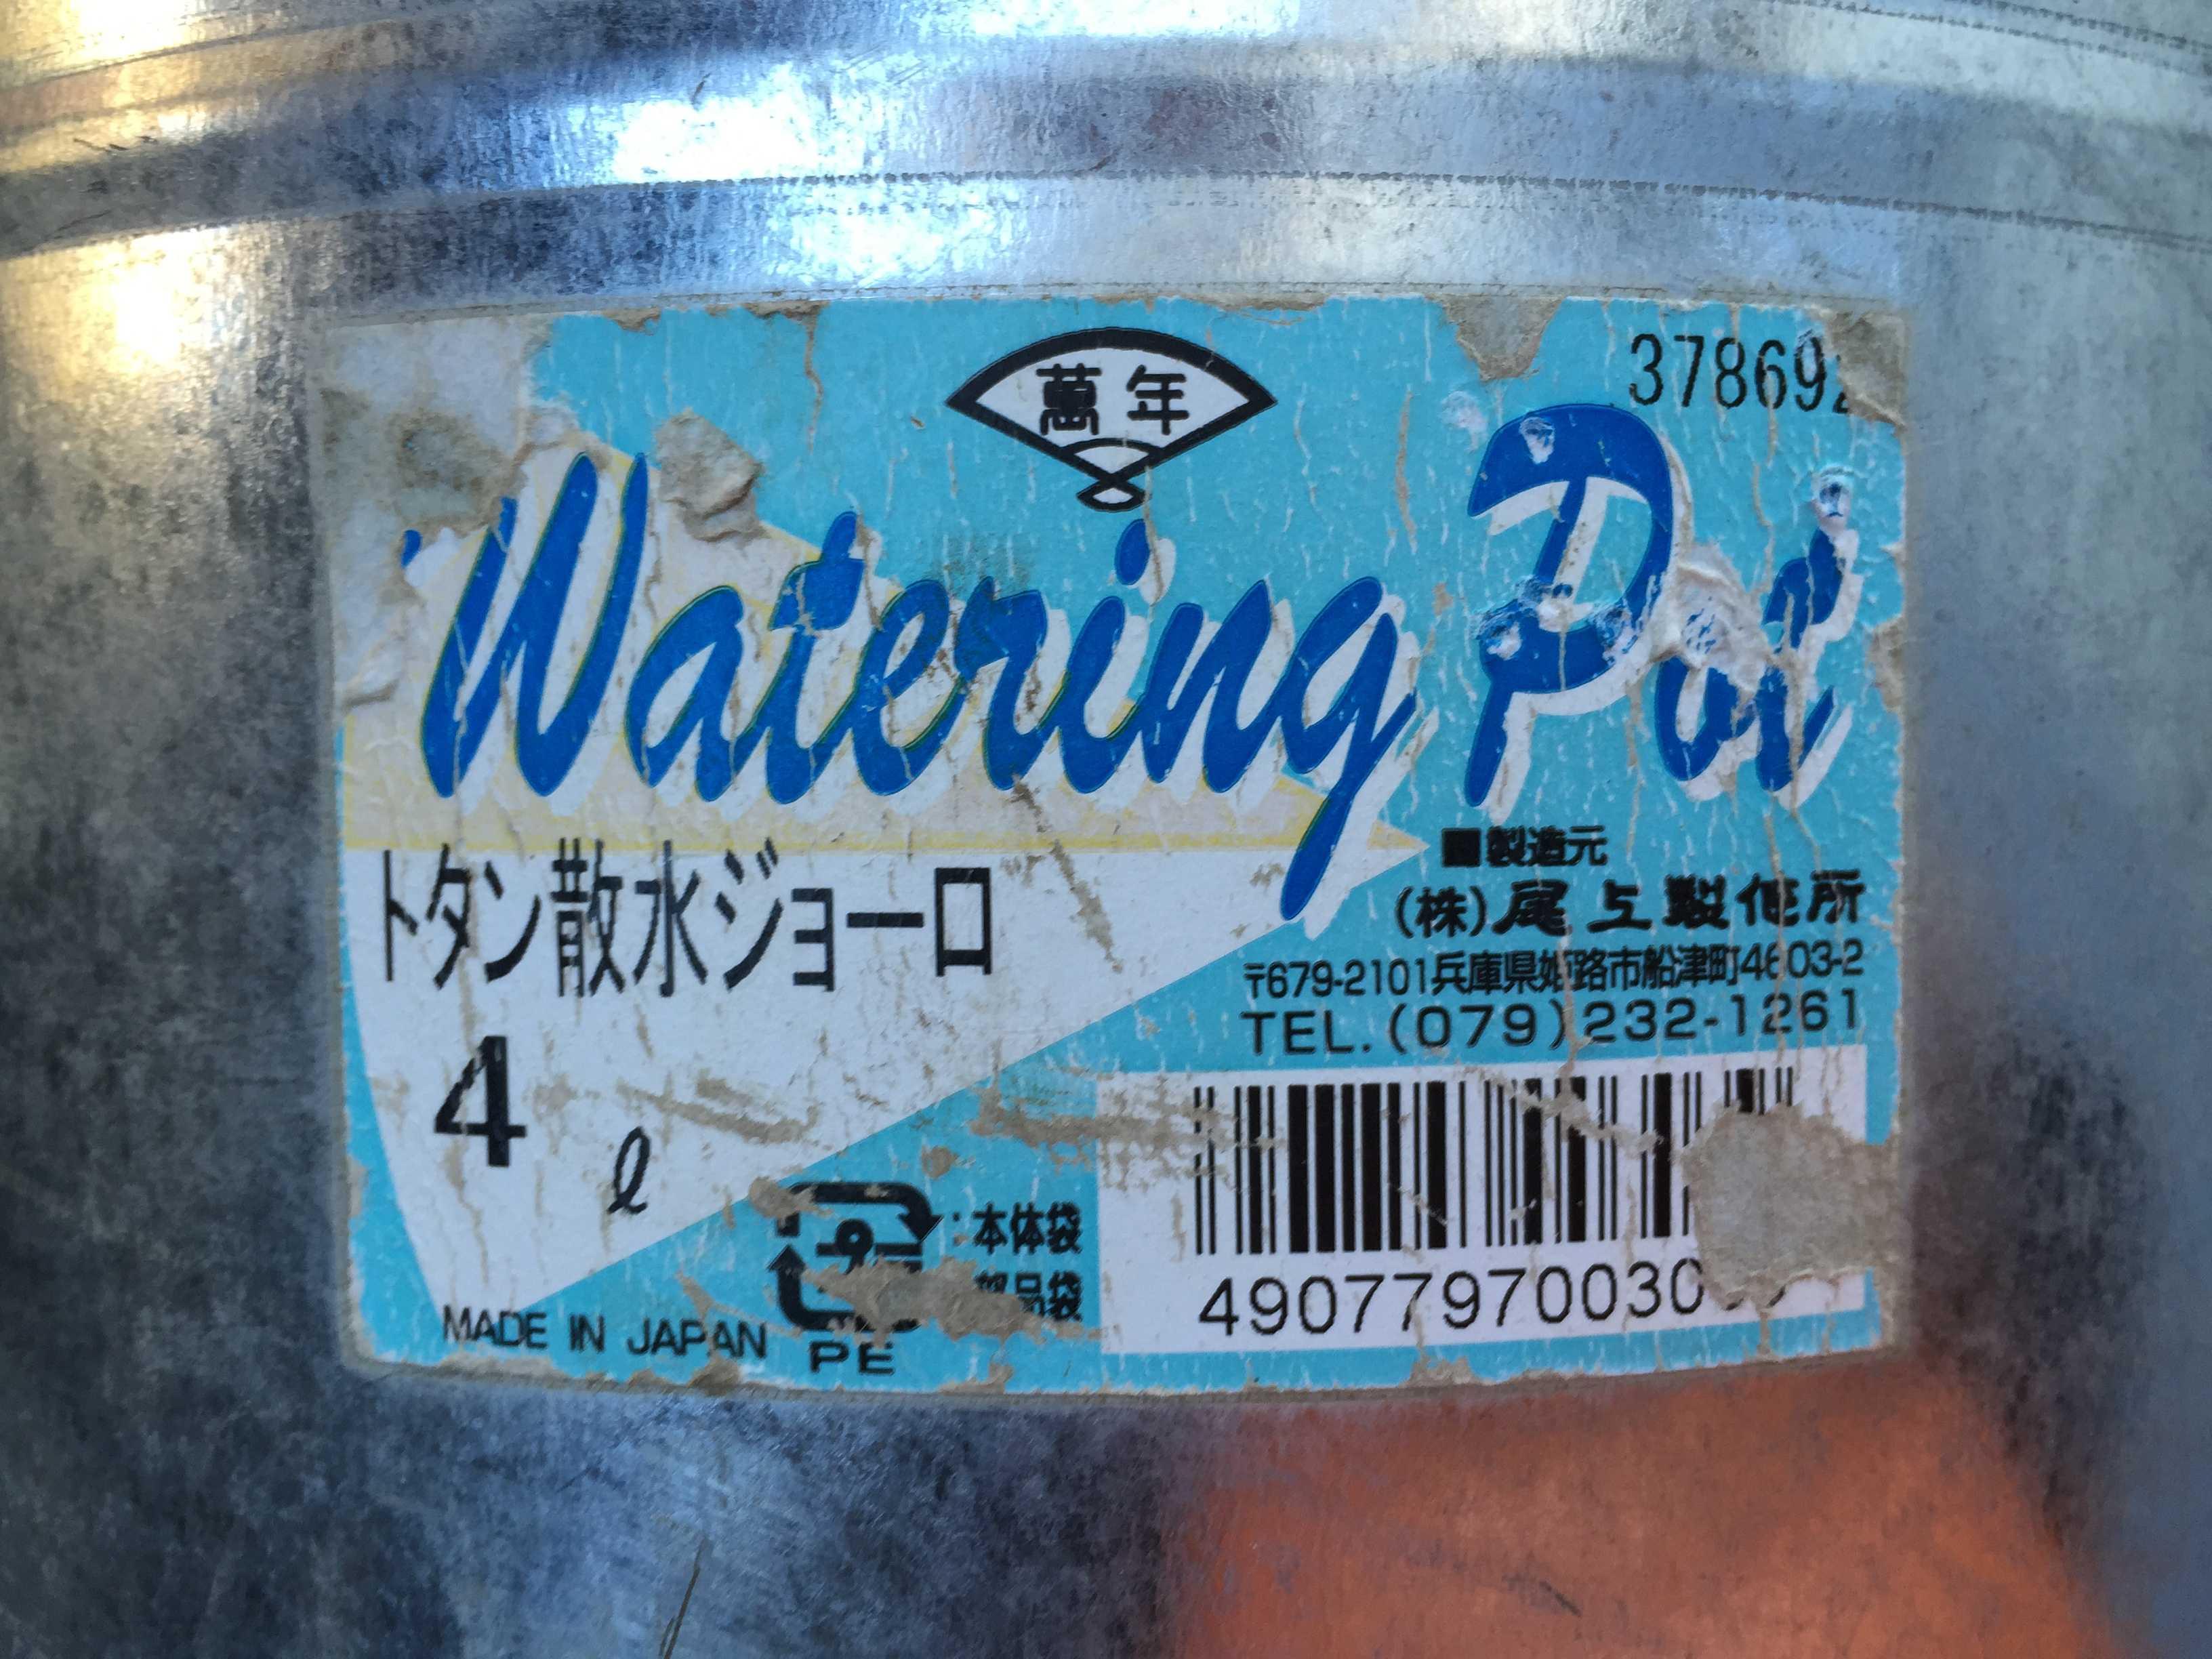 尾上製作所 - 萬年 トタン散水ジョーロ MADE IN JAPAN